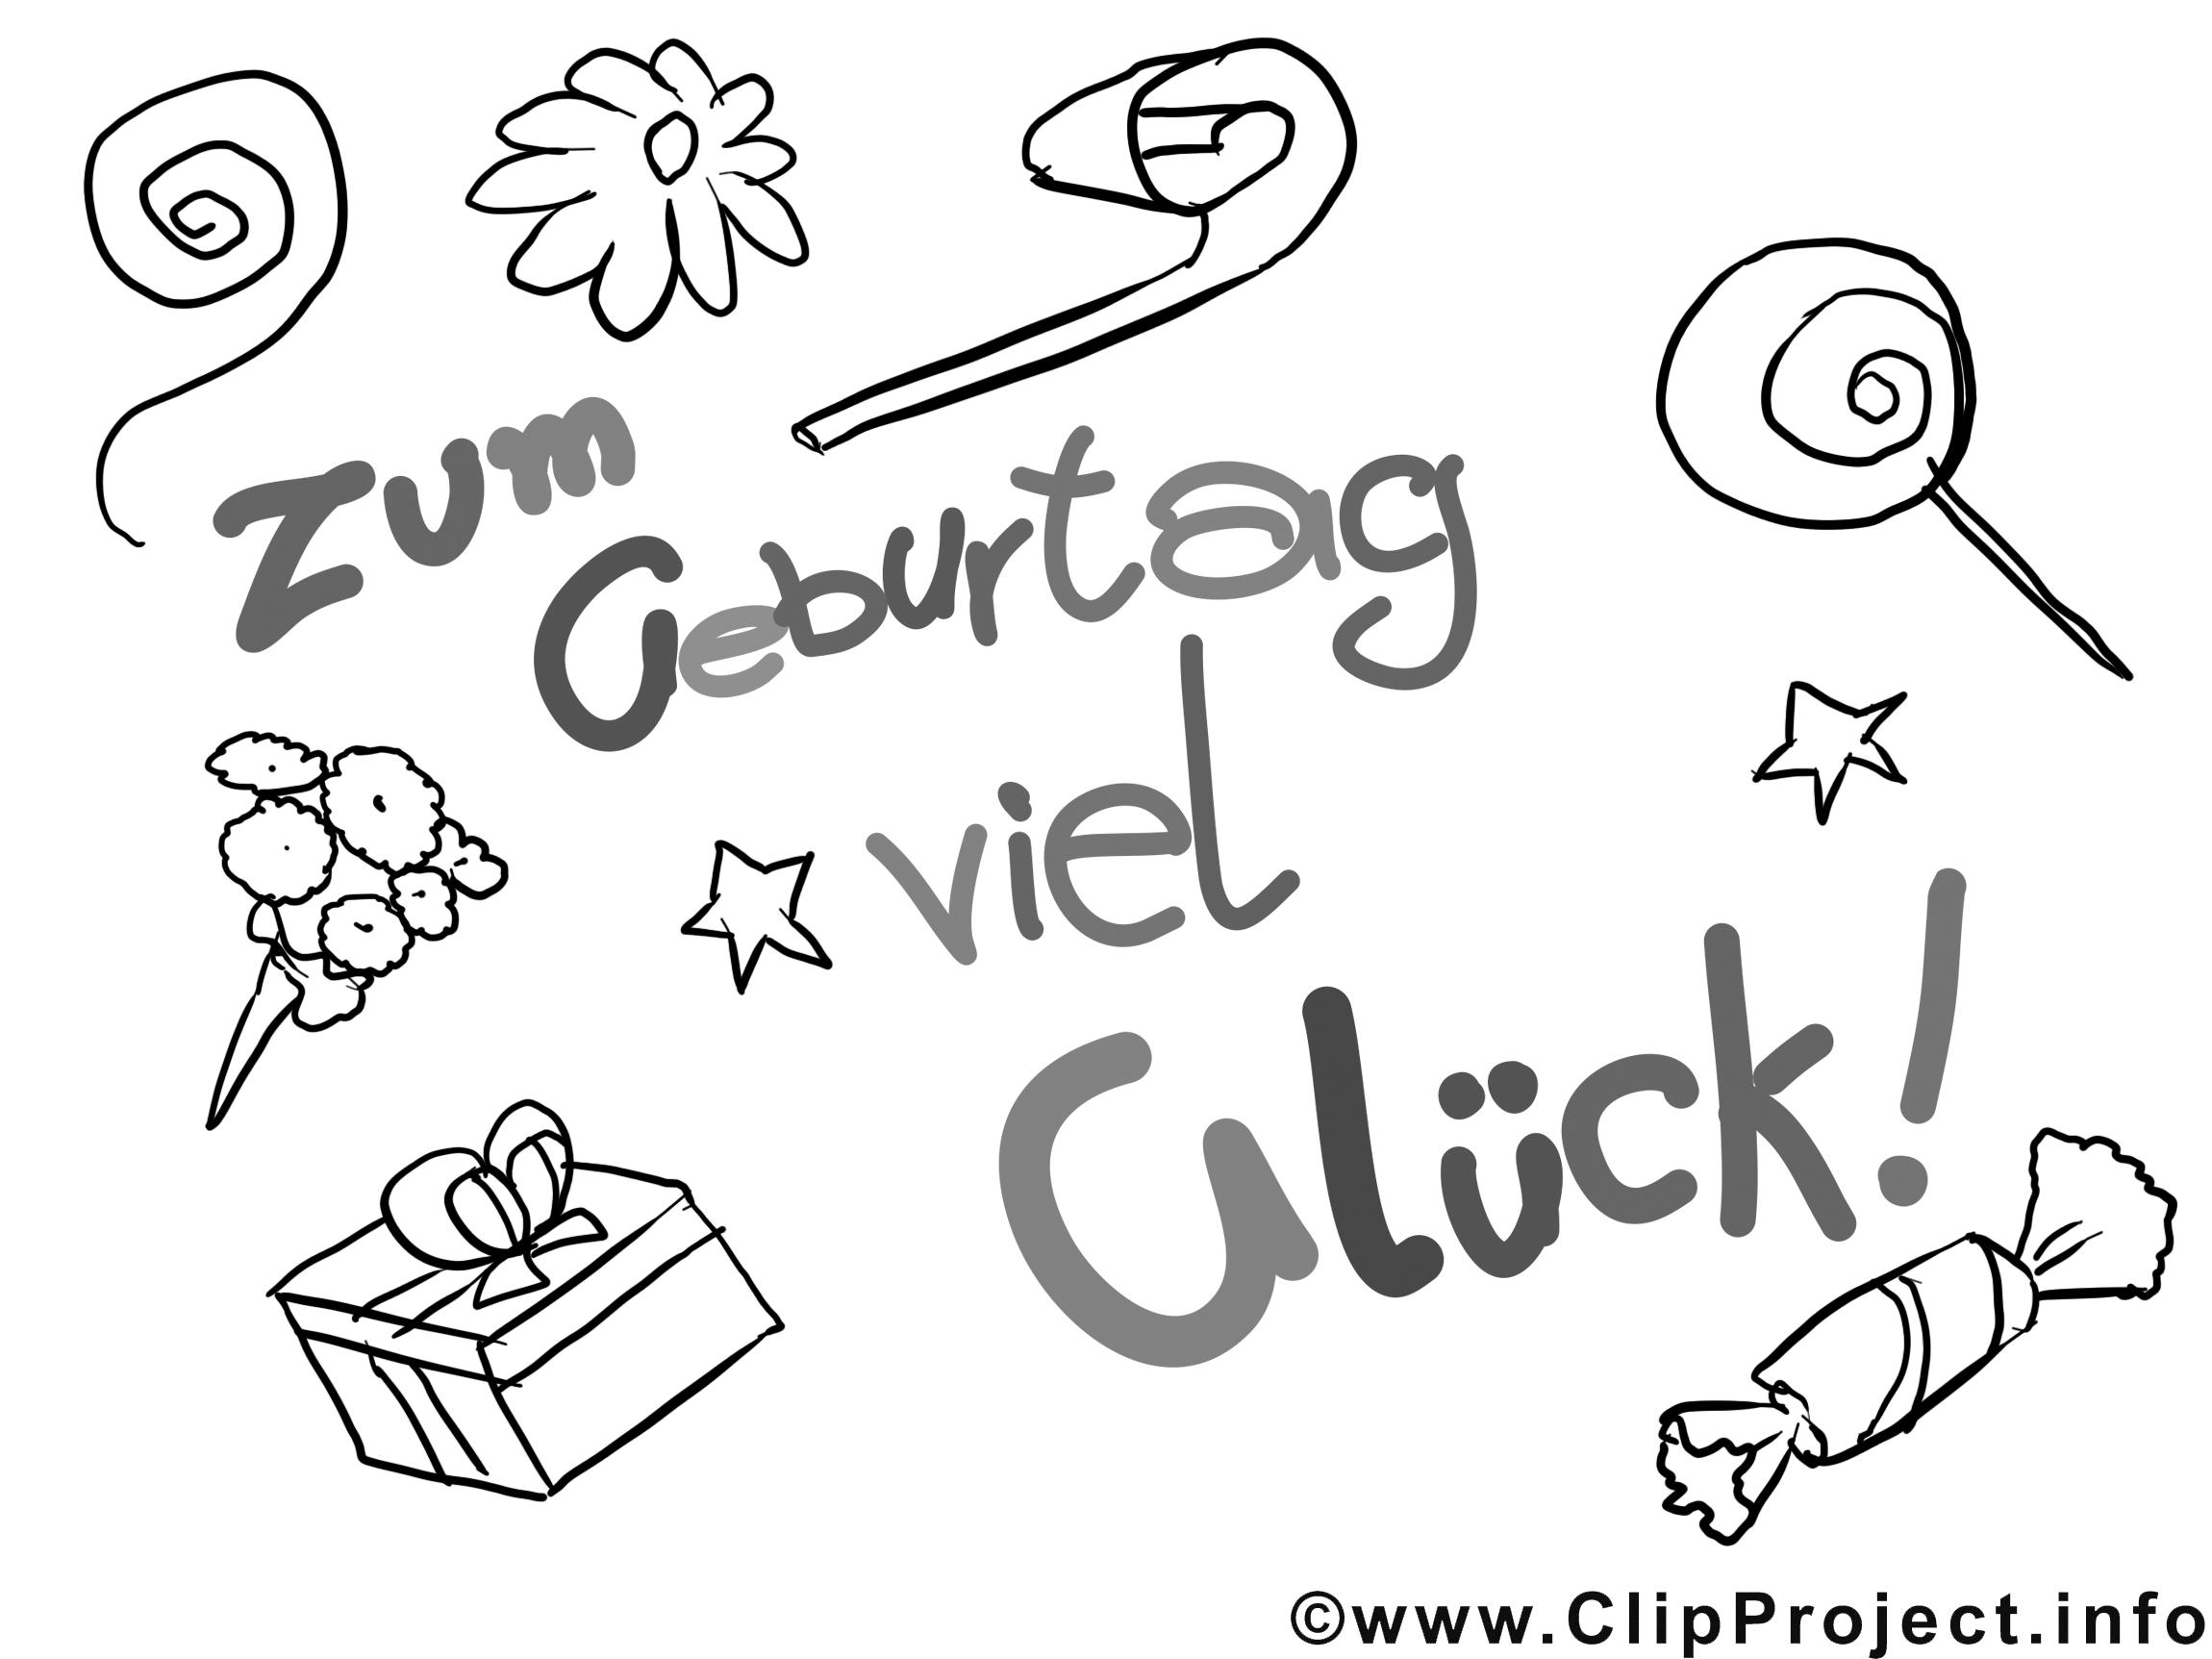 Ausmalbilder Zum Geburtstag Zum Ausdrucken http://www